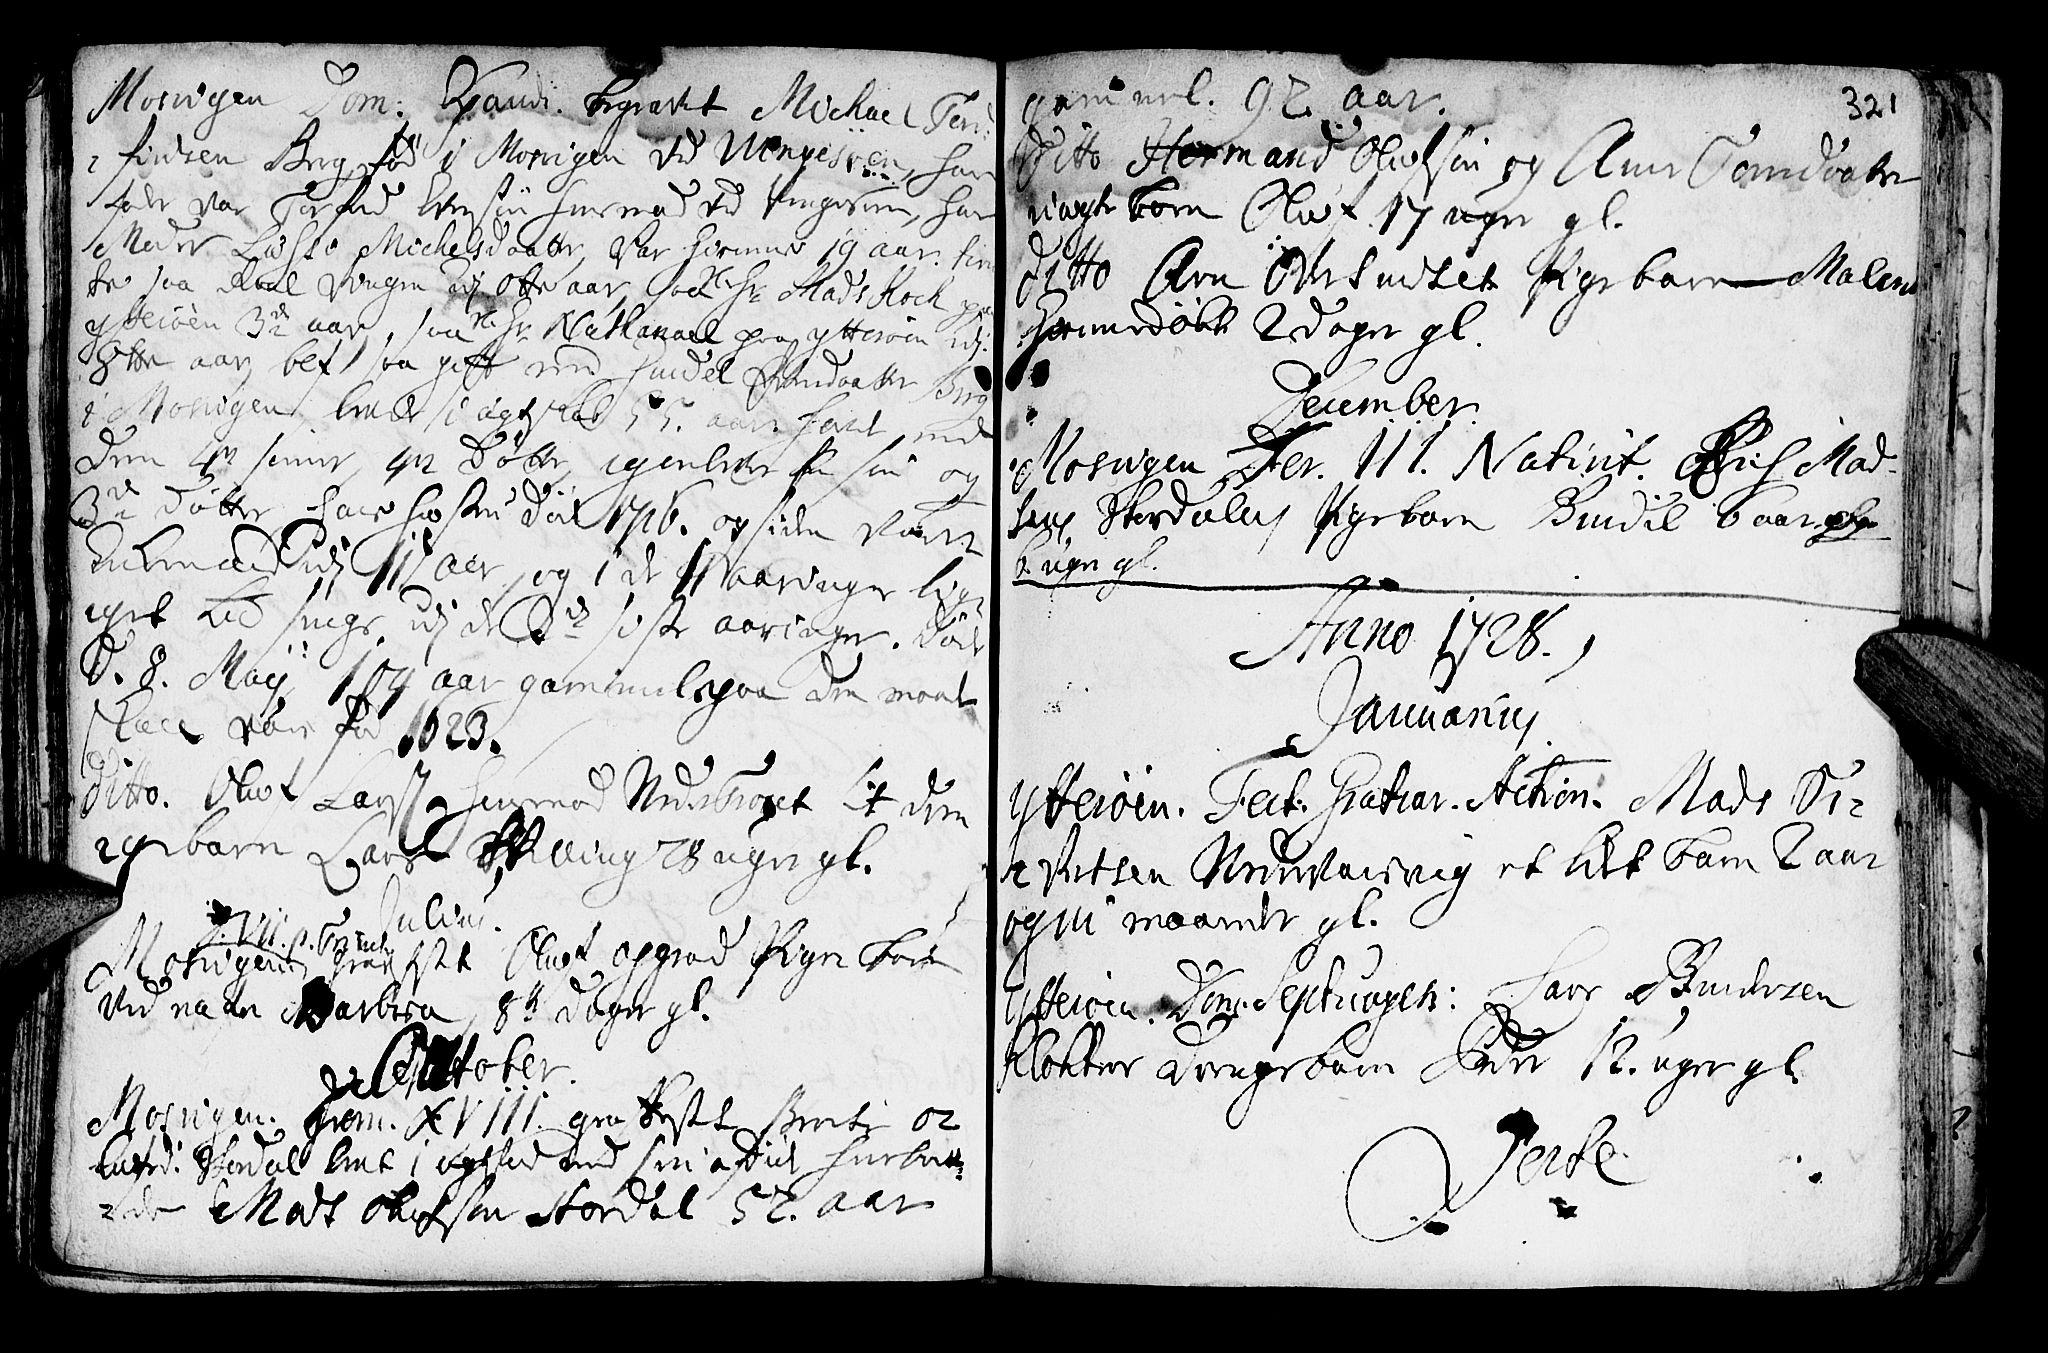 SAT, Ministerialprotokoller, klokkerbøker og fødselsregistre - Nord-Trøndelag, 722/L0215: Ministerialbok nr. 722A02, 1718-1755, s. 321